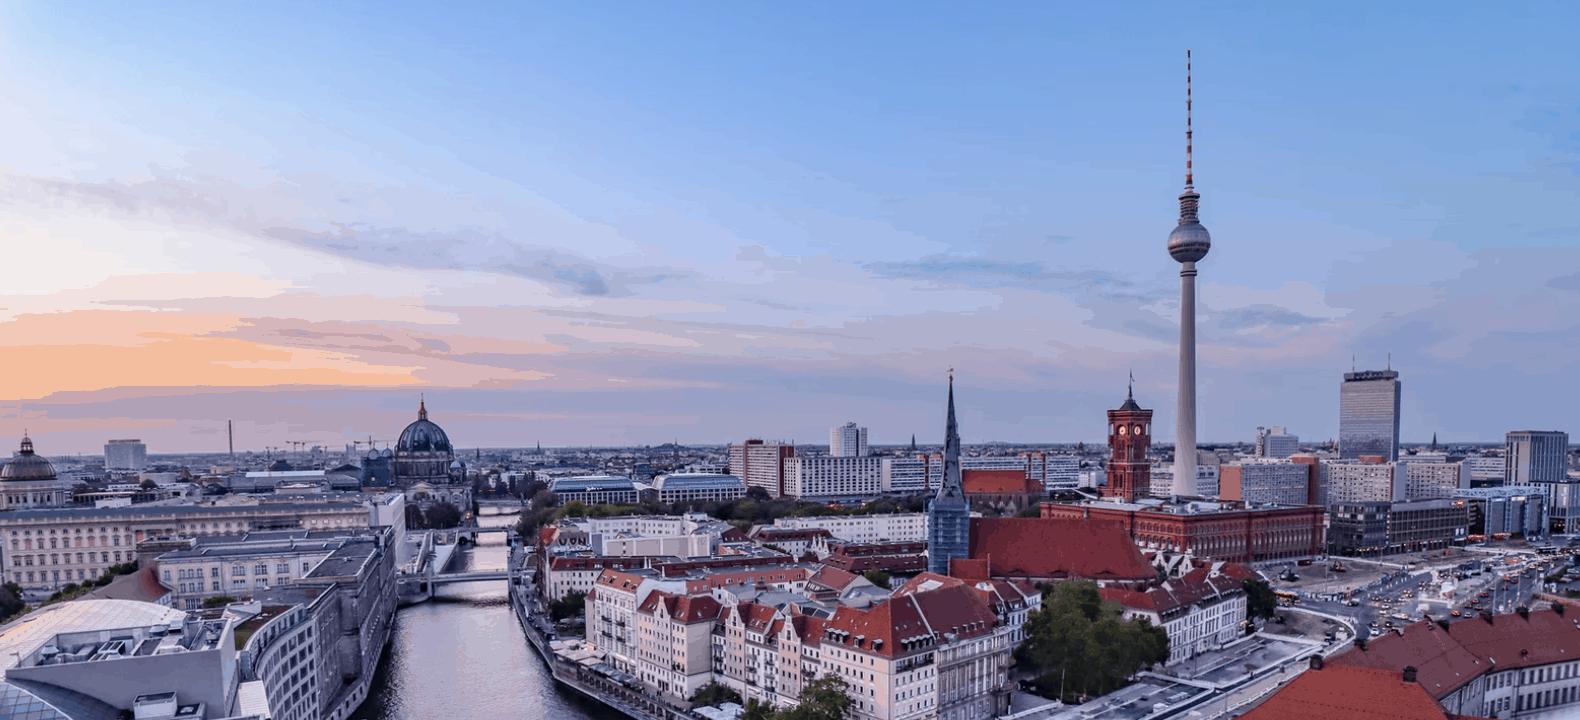 datenbank größte unternehmen deutschland